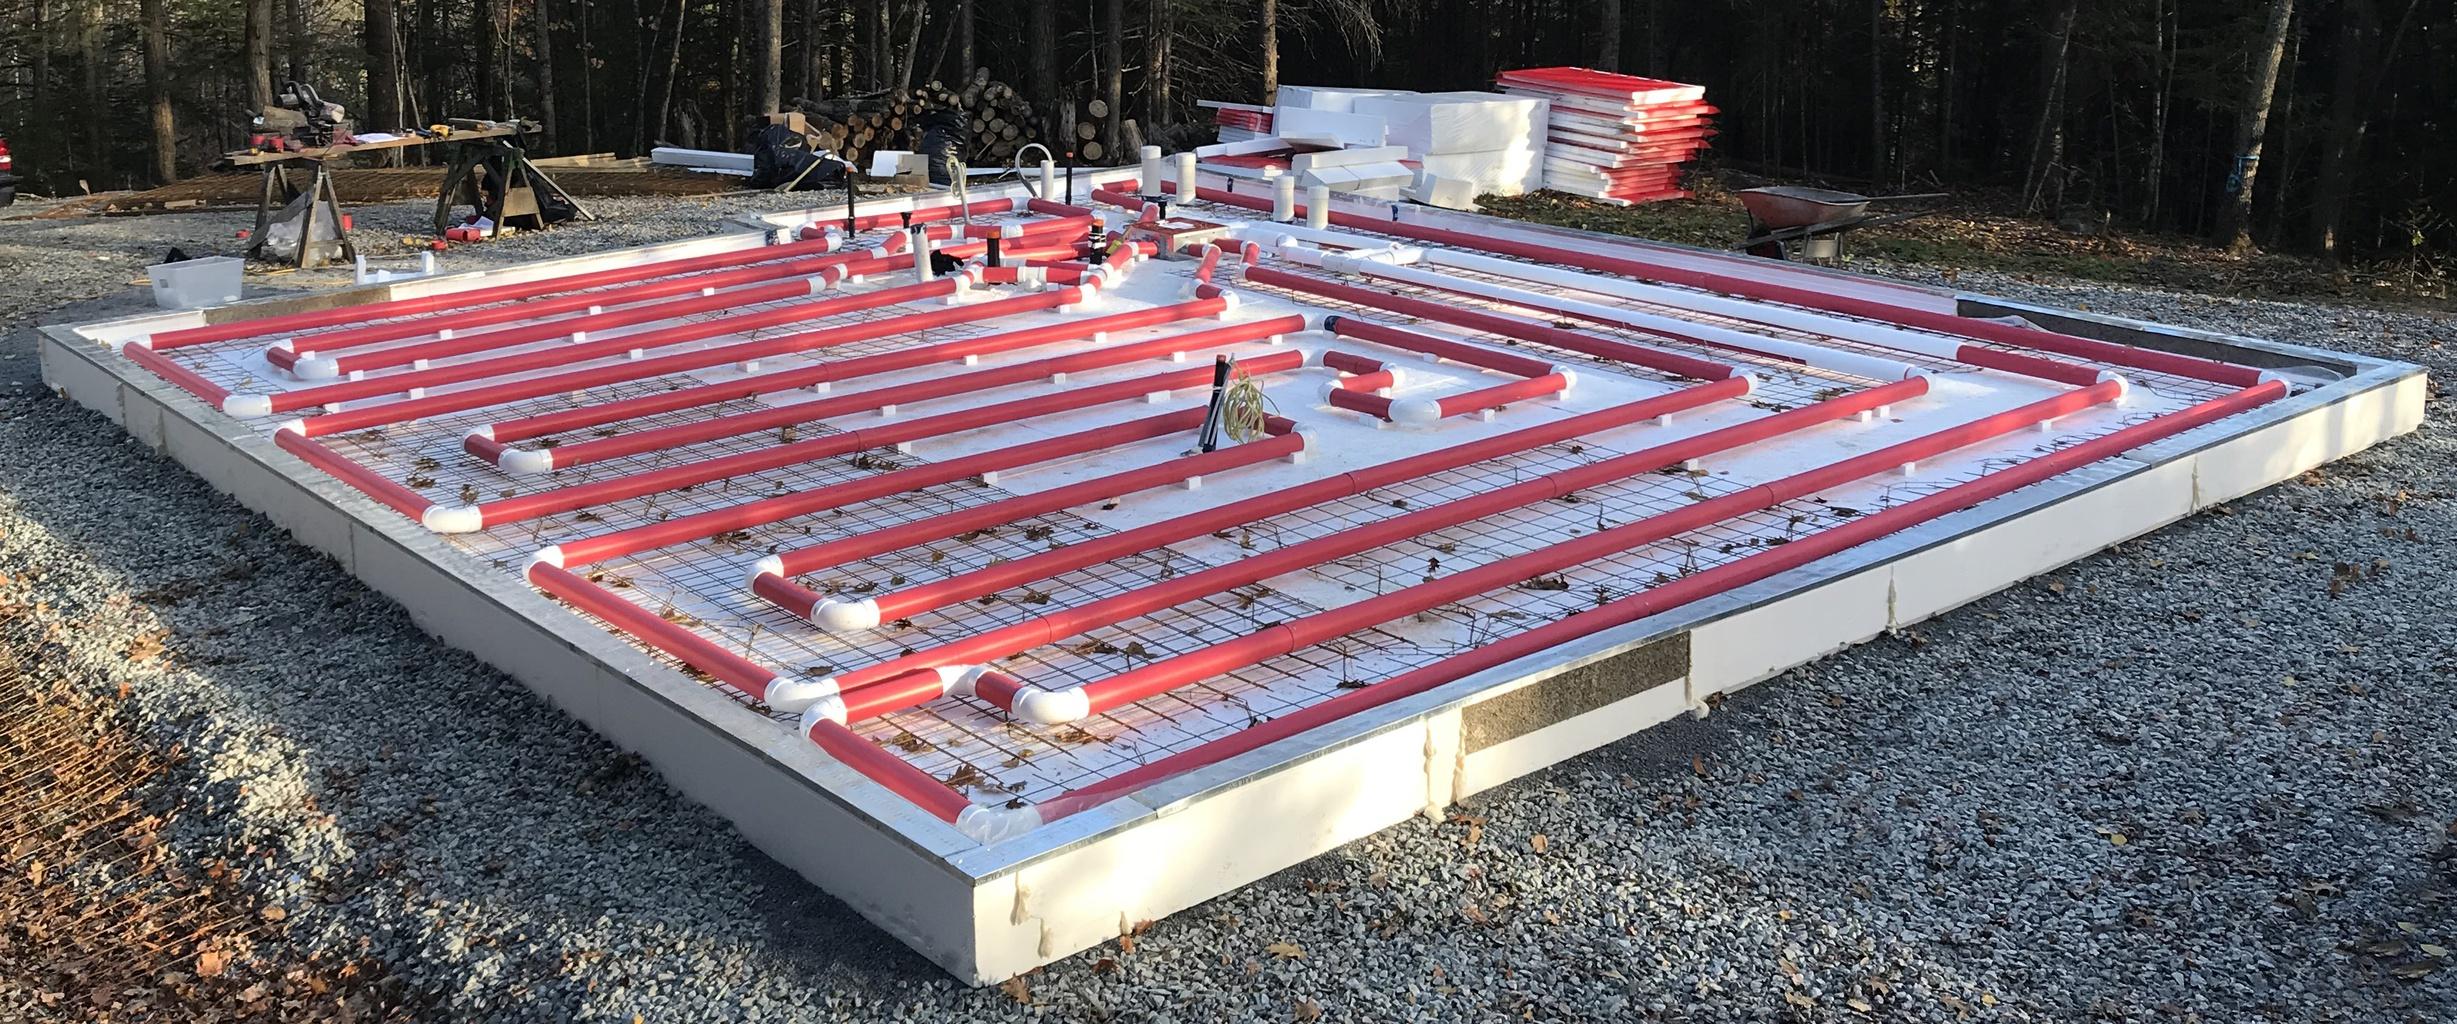 Solar Radiant Heated Floor Kit Slab On Grade For Leed Pive